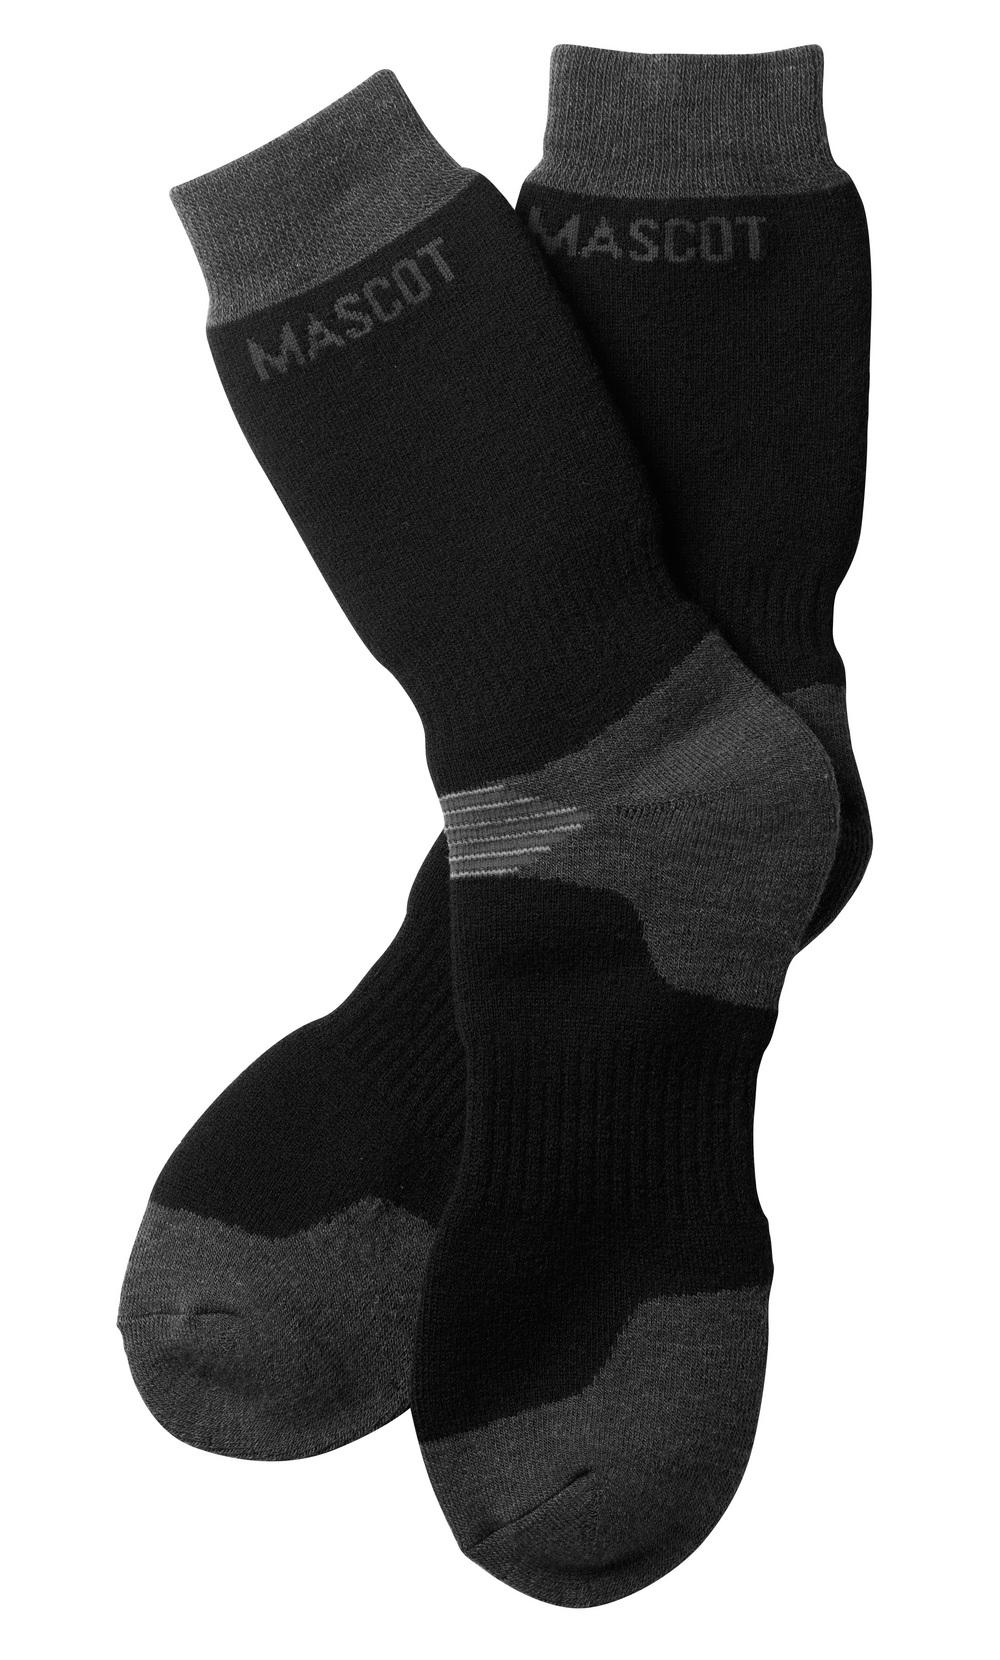 50404-876-0918 Sokker - svart/mørk antrasitt